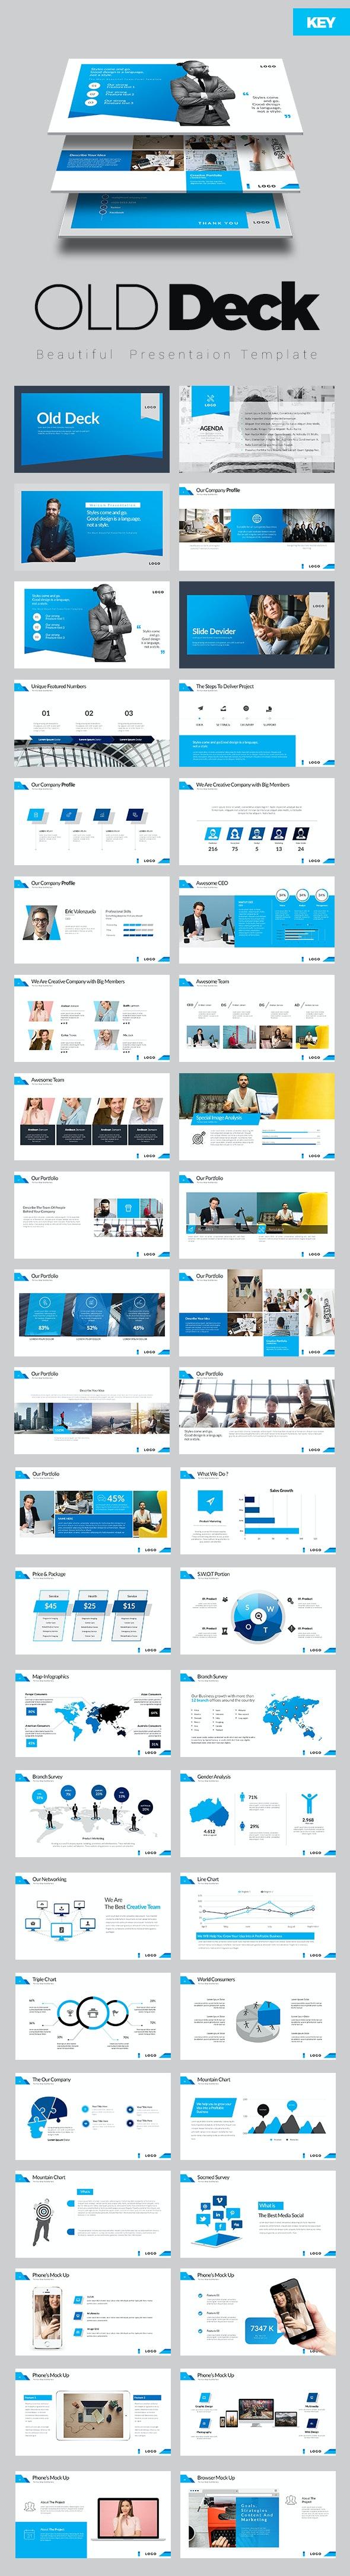 Old Deck Keynote Presentation - Keynote Templates Presentation Templates